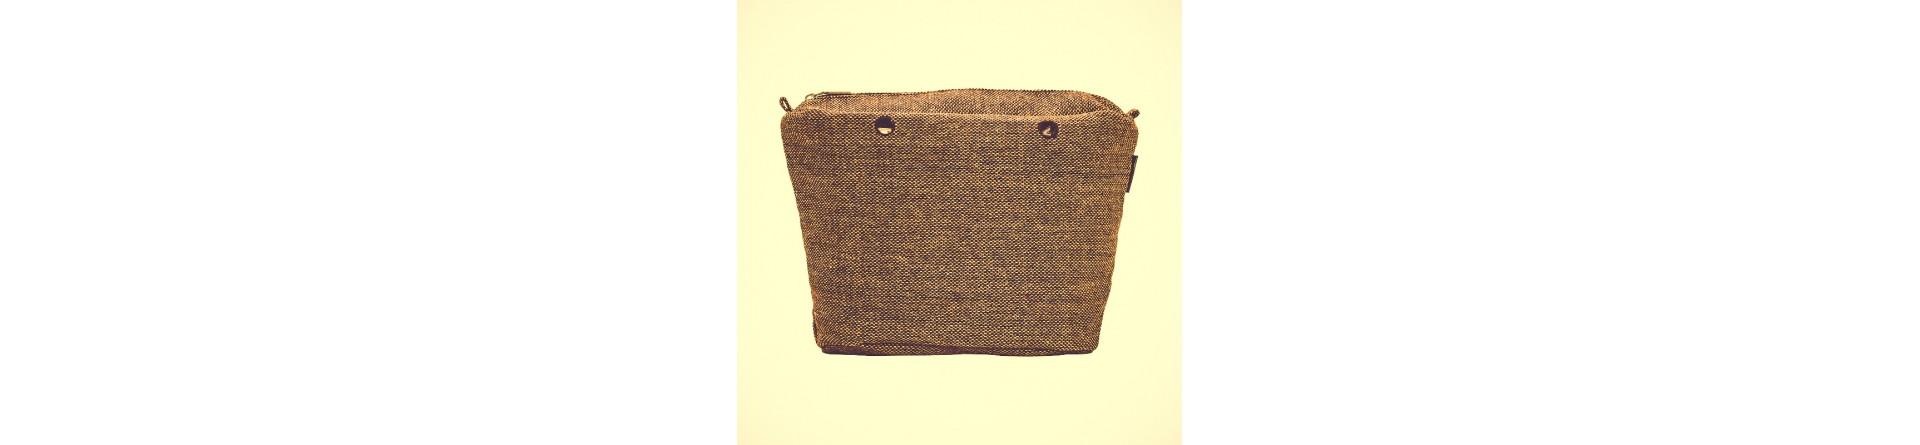 Sacche Interne O Bag | Giuglar Shop